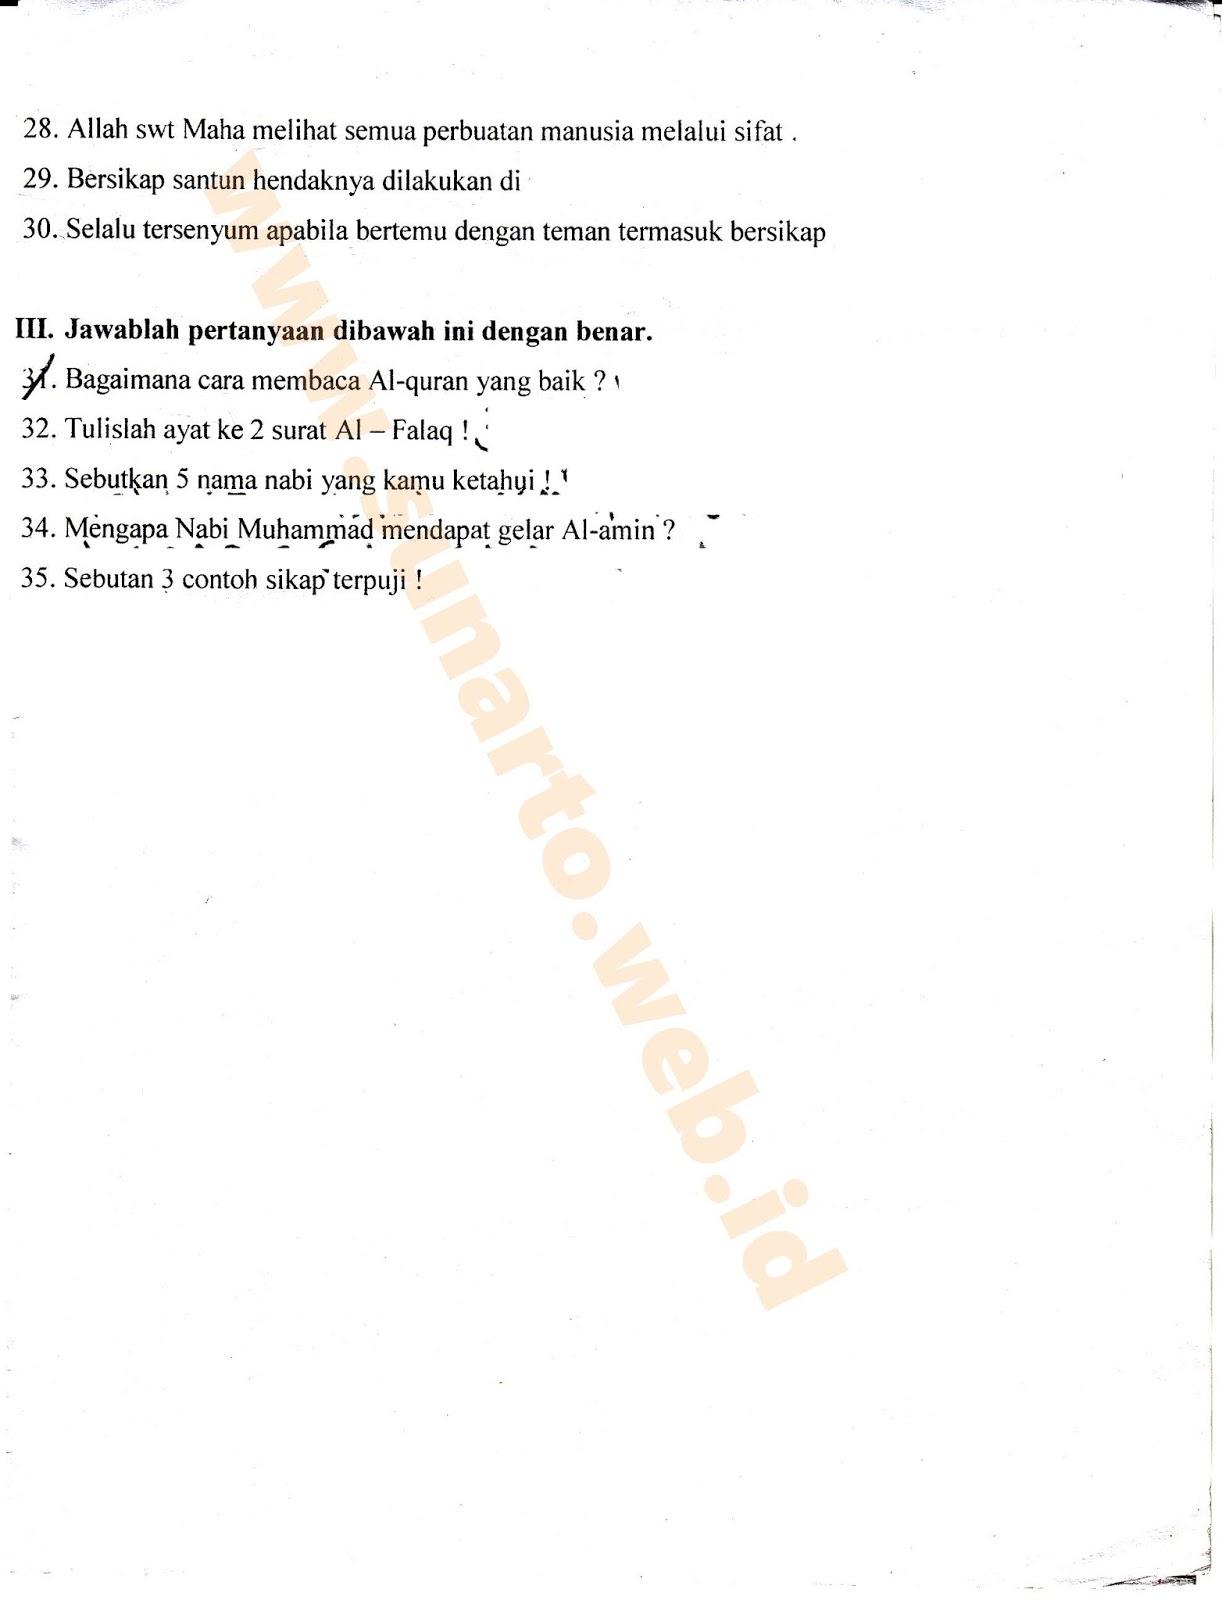 Pendidikan Agama Islam Semester 2 Kelas 2 Smk Halaman 181